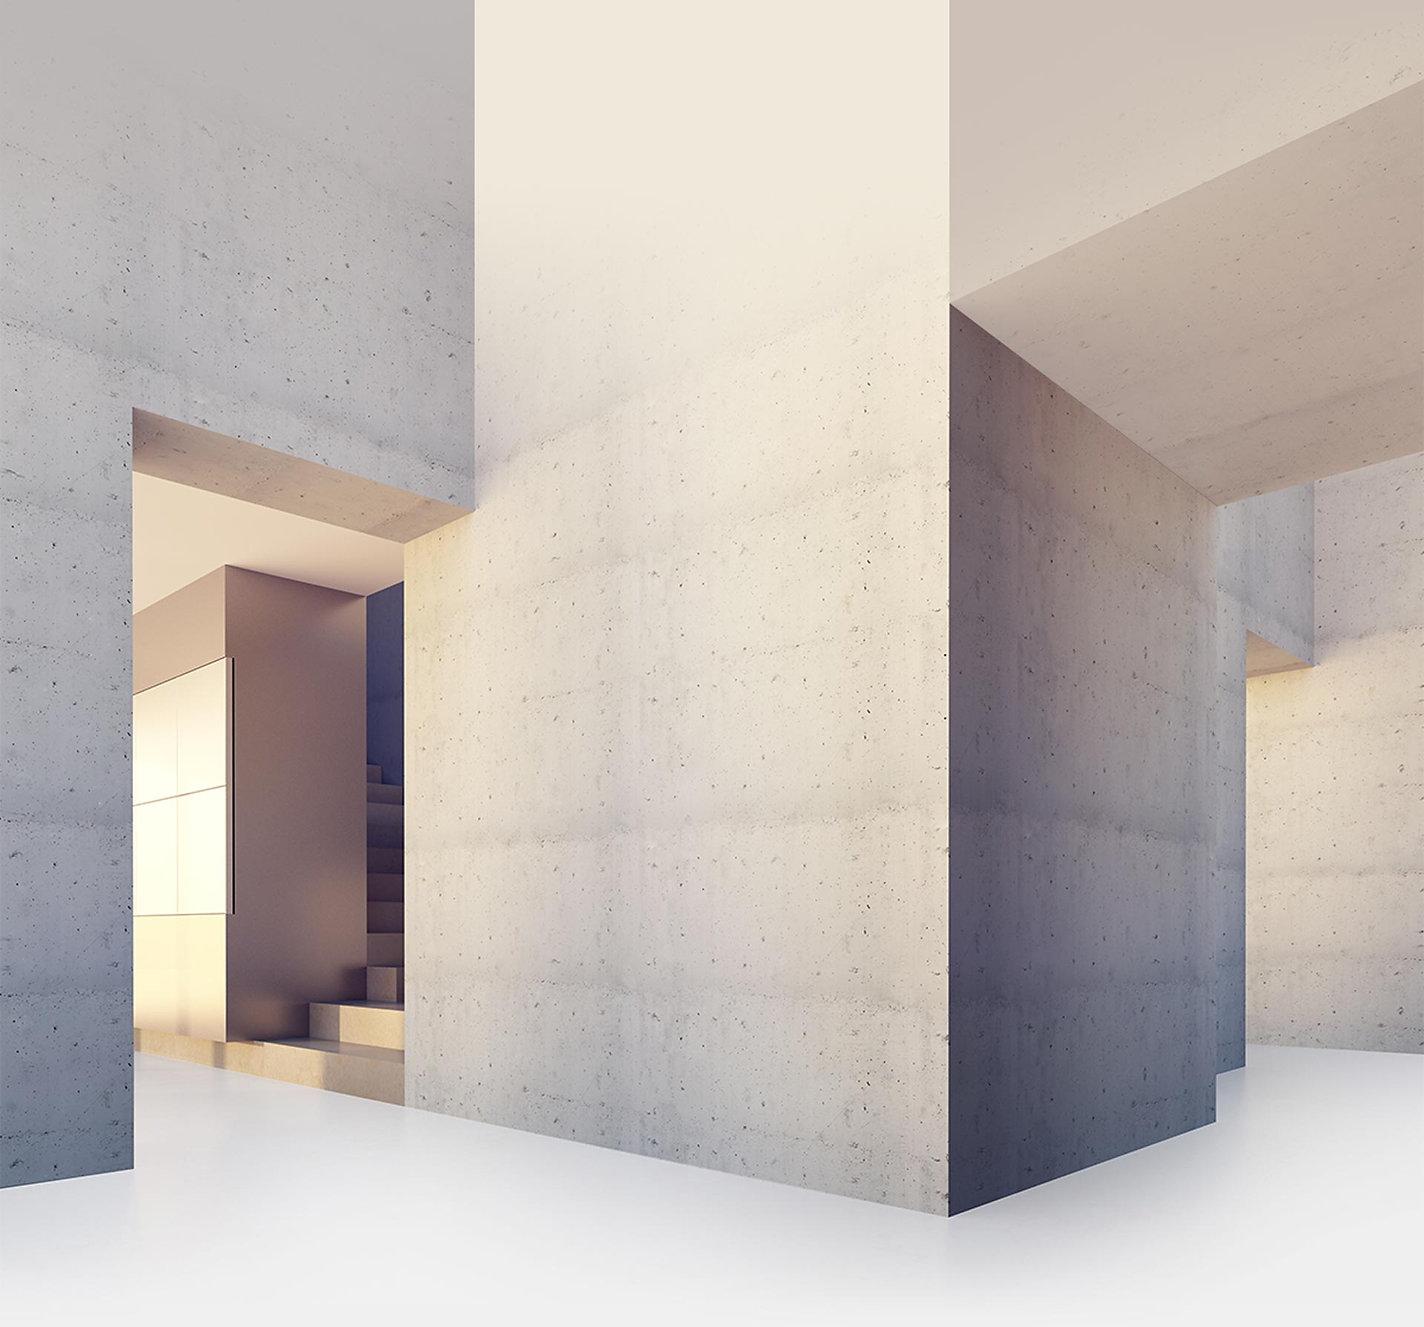 Street-3col-render.jpg